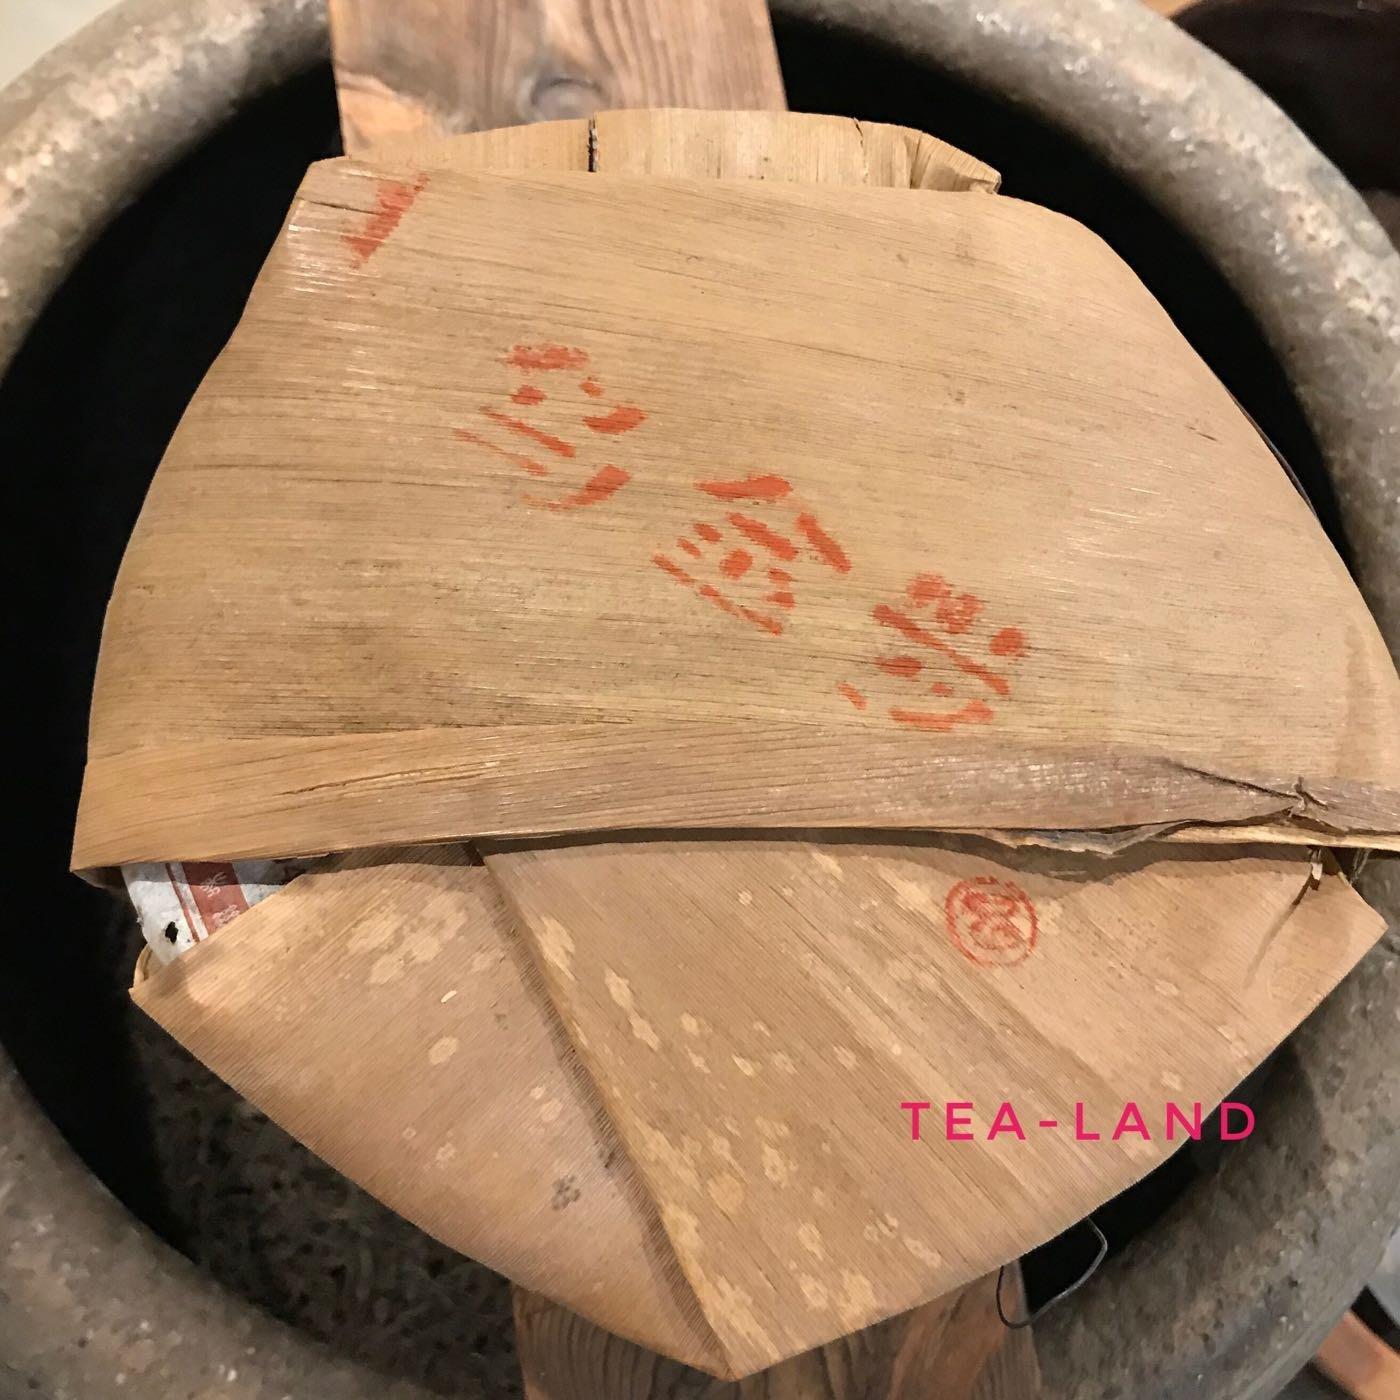 [茶韻]2005年 大益第一批野生茶【烏金號圓茶】乾倉、高香、投資必選